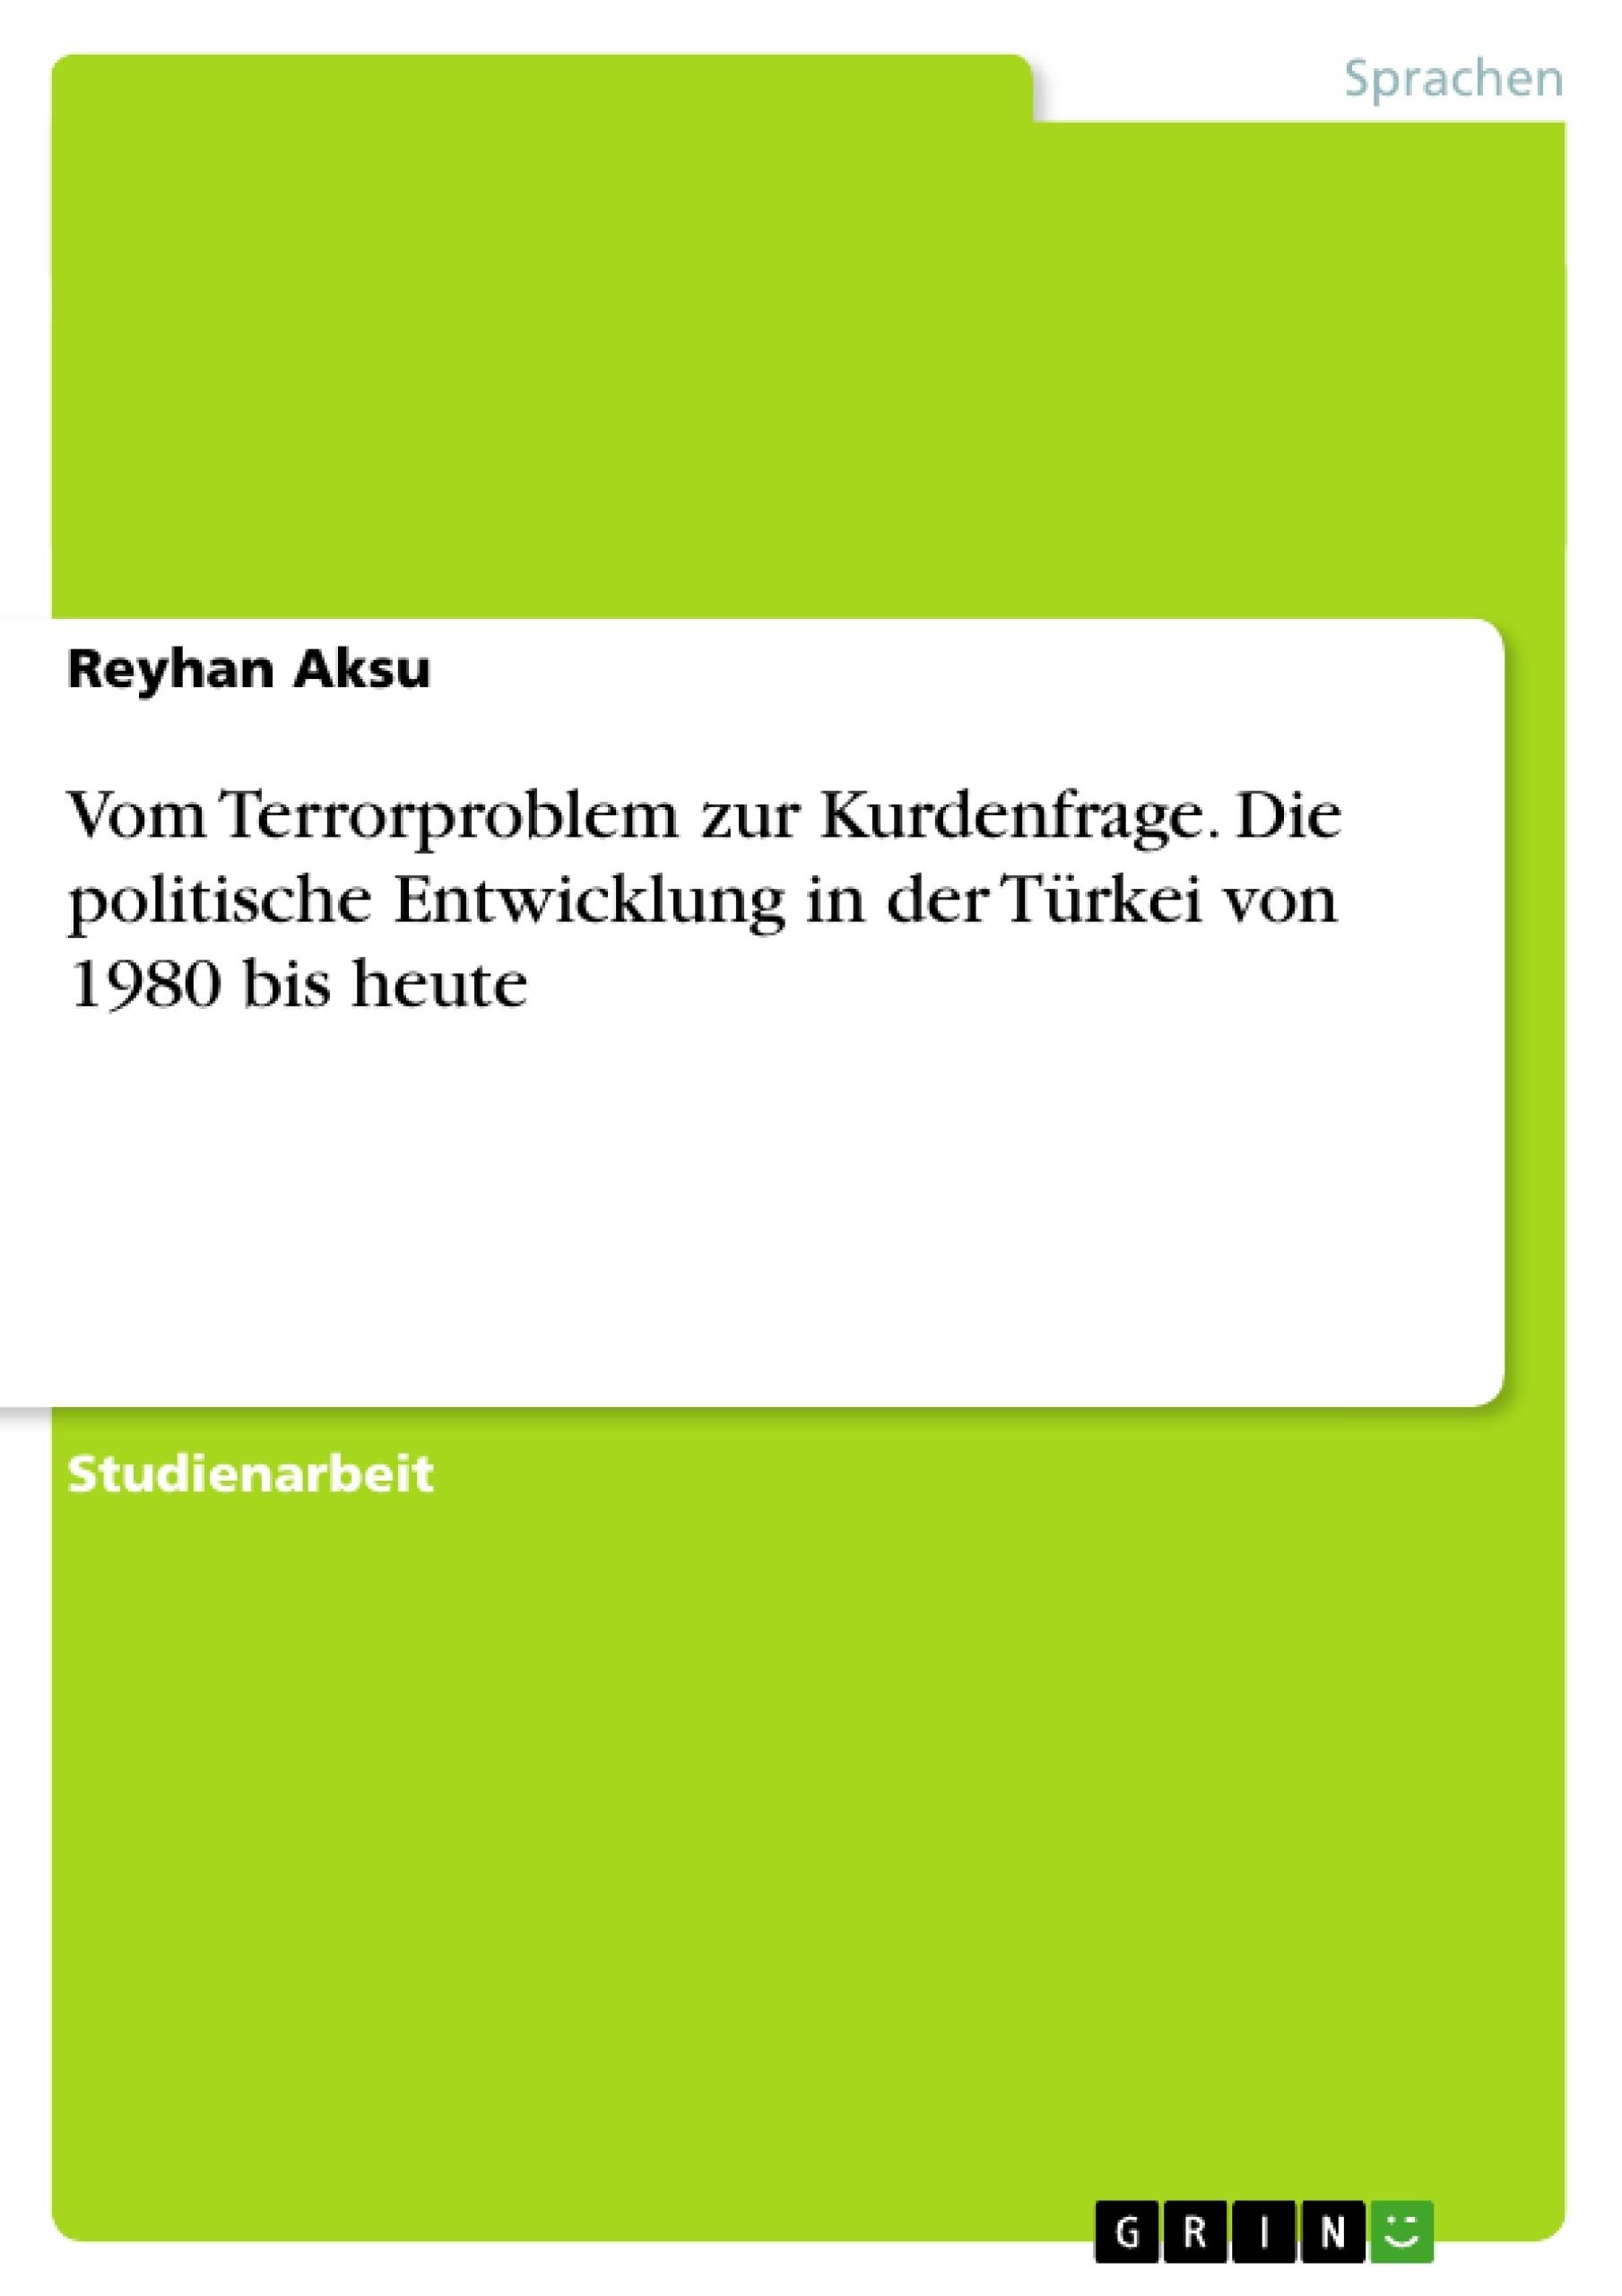 Titel: Vom Terrorproblem zur Kurdenfrage. Die  politische Entwicklung in der Türkei von 1980 bis heute